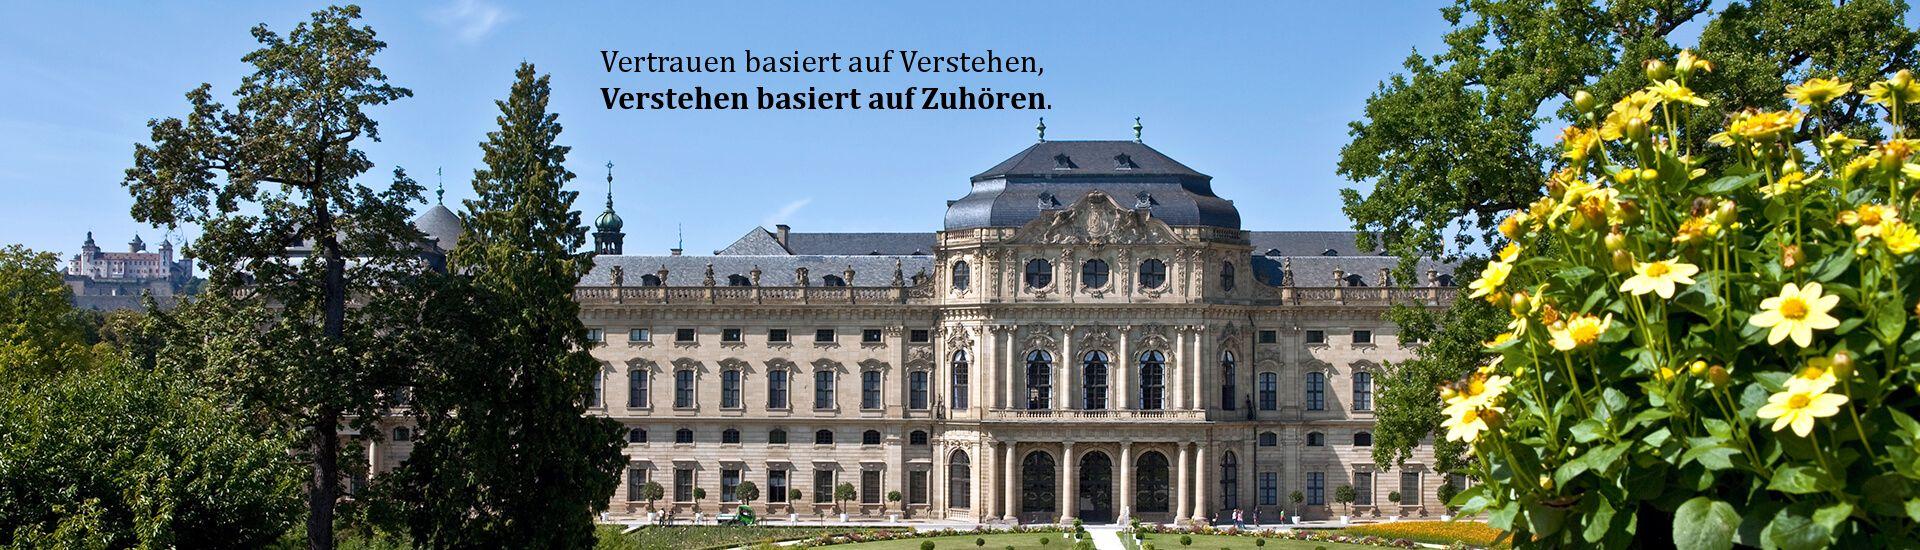 Dullinger Immobilien Verwaltung Hausverwaltung Würzburg